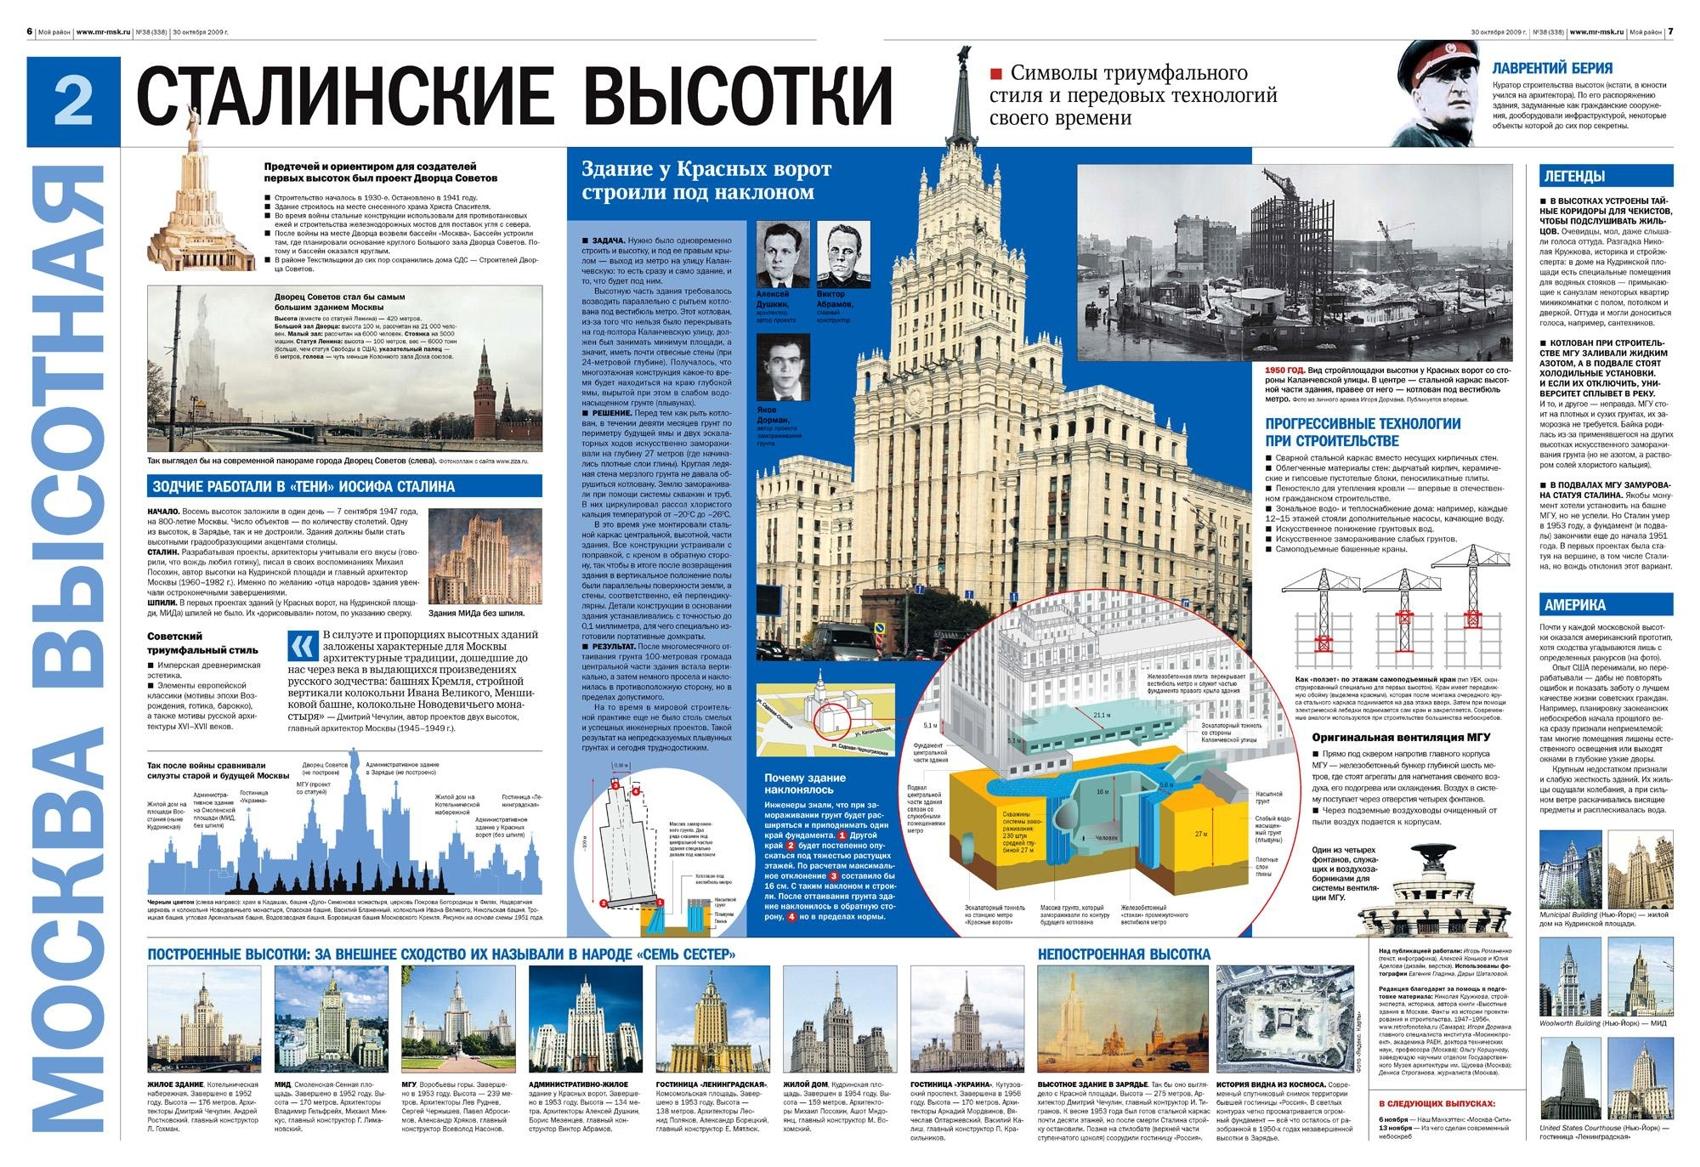 Учебник по дизайну газеты